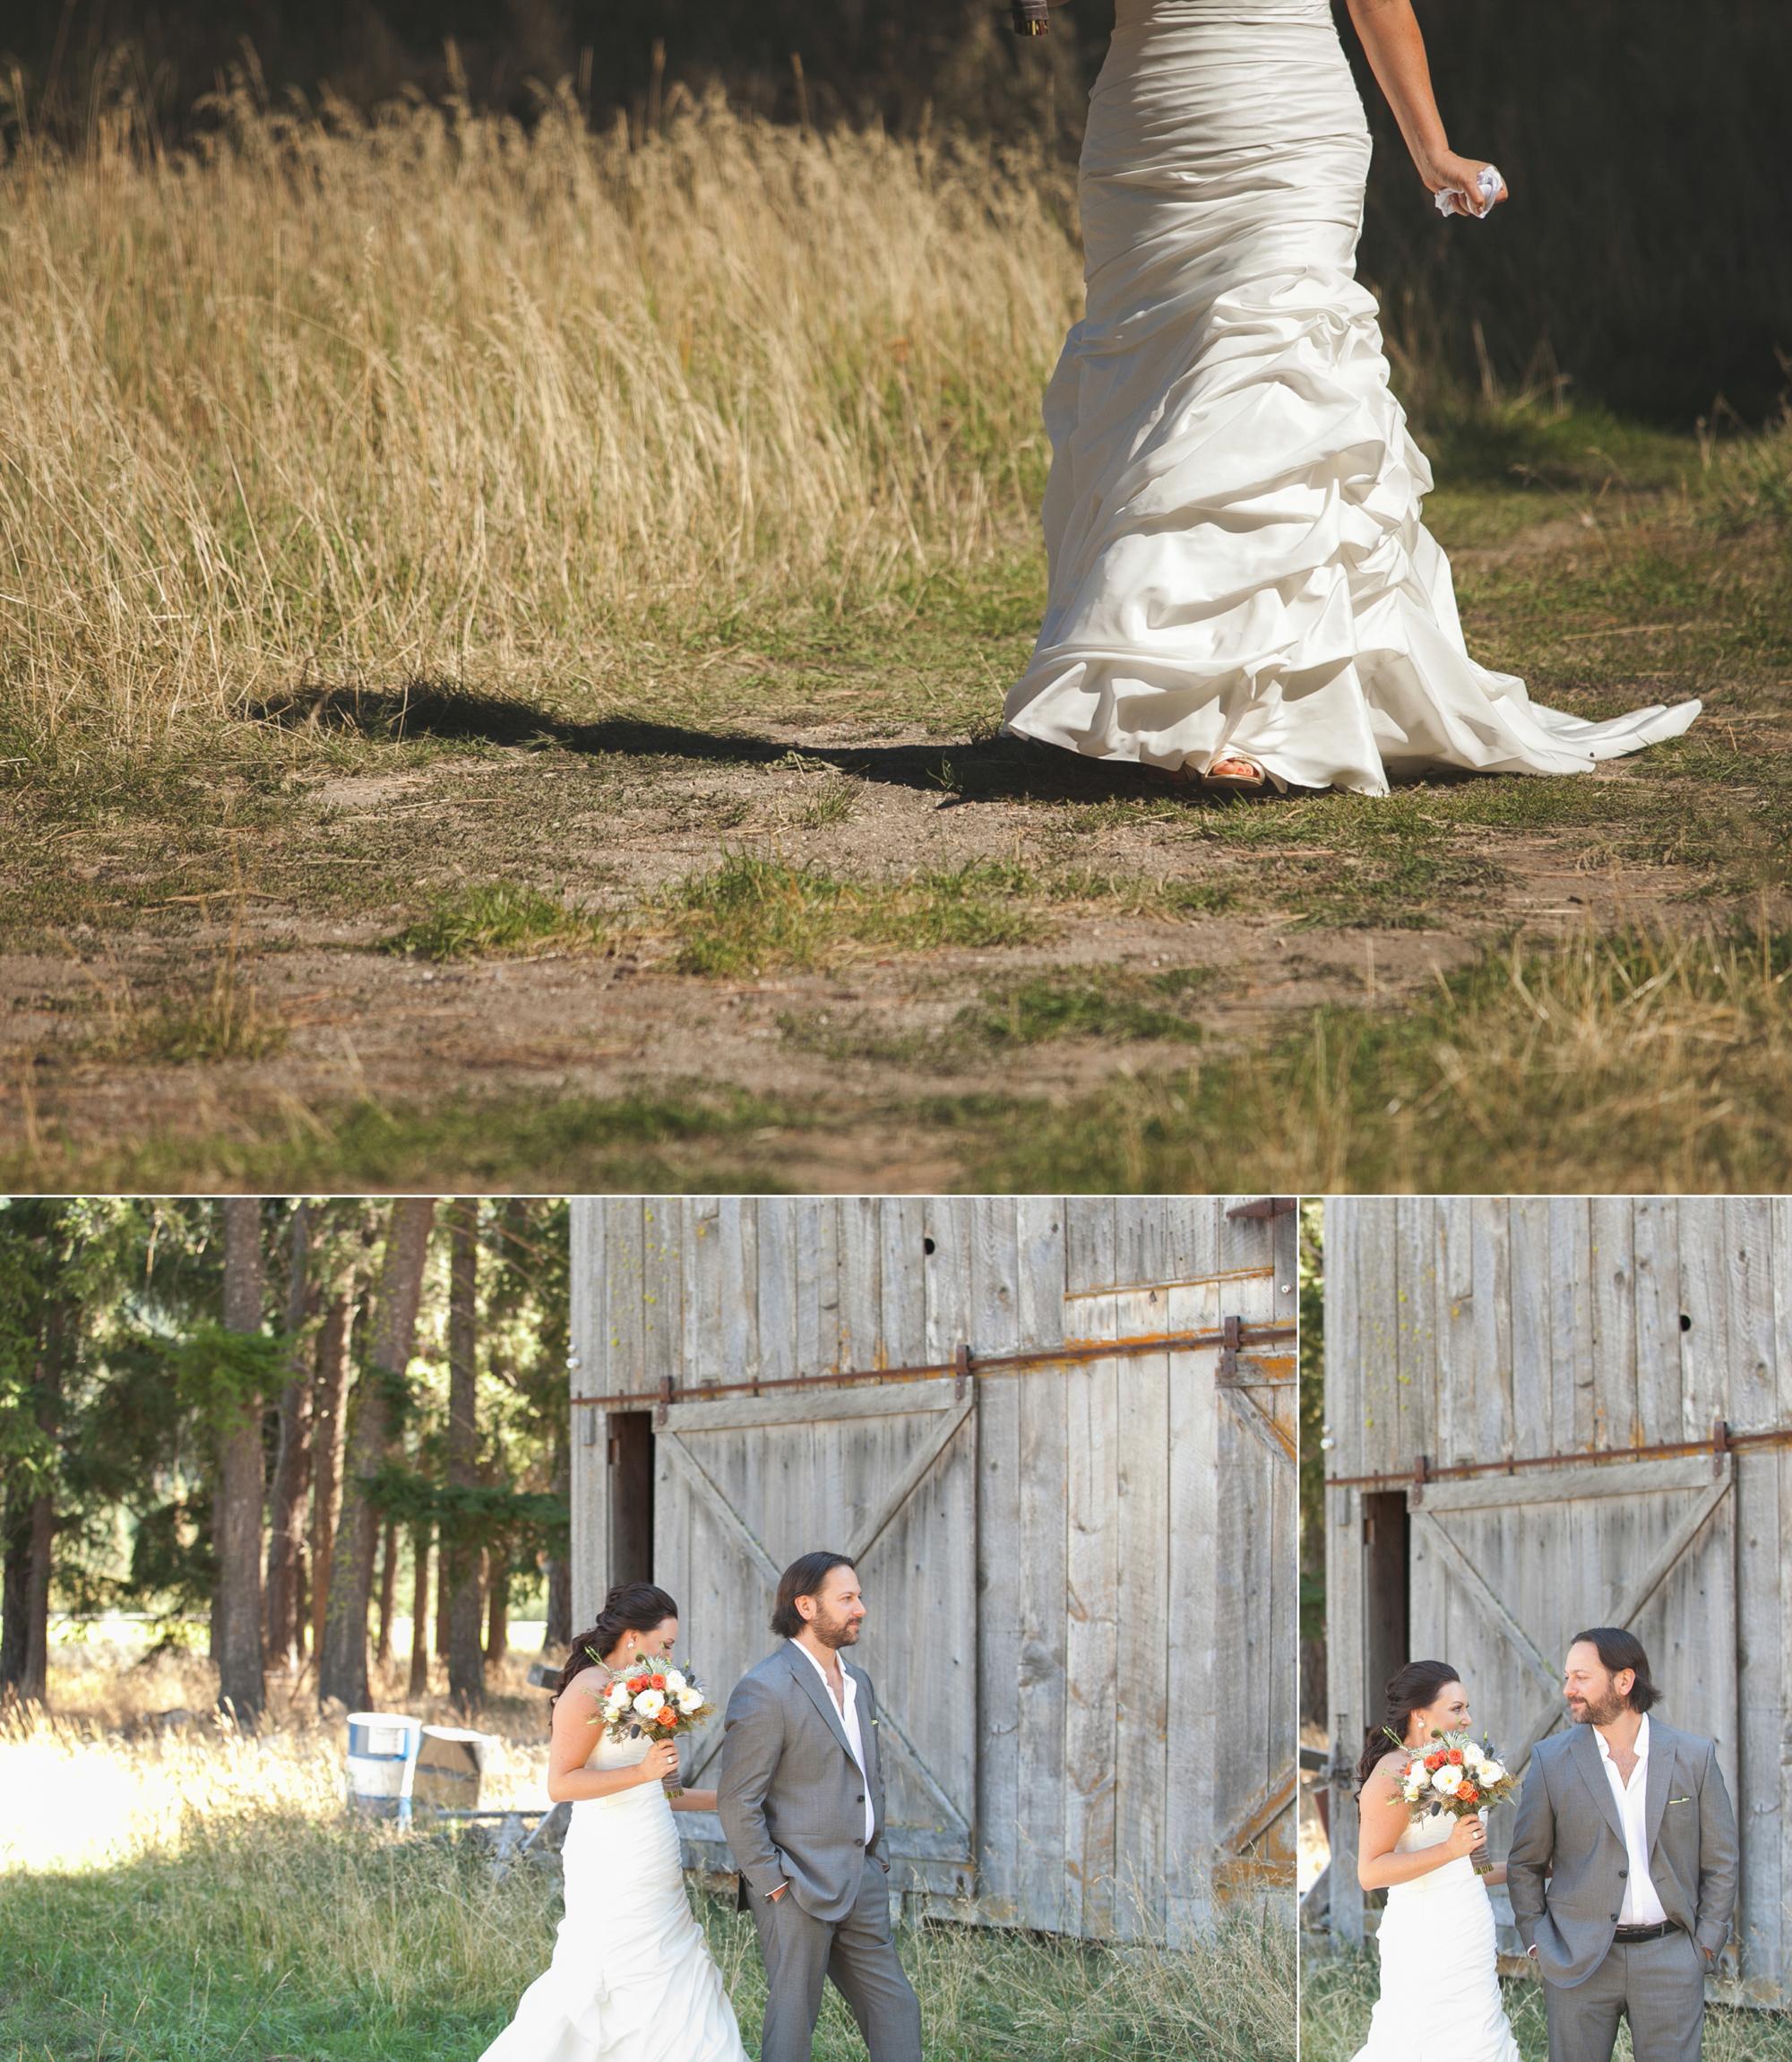 ashley vos photography seattle tacoma area wedding photographer_0807.jpg